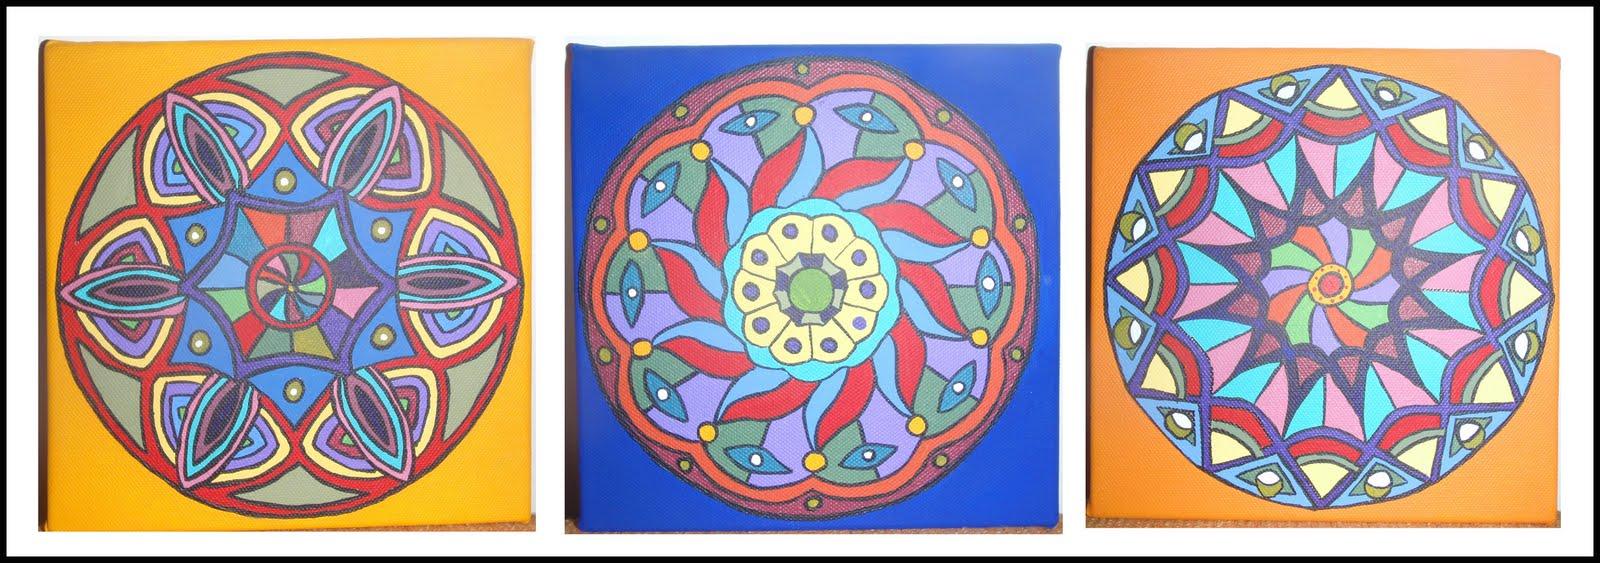 El mito de helena cuadros mandalas - Cuadros mandalas ...